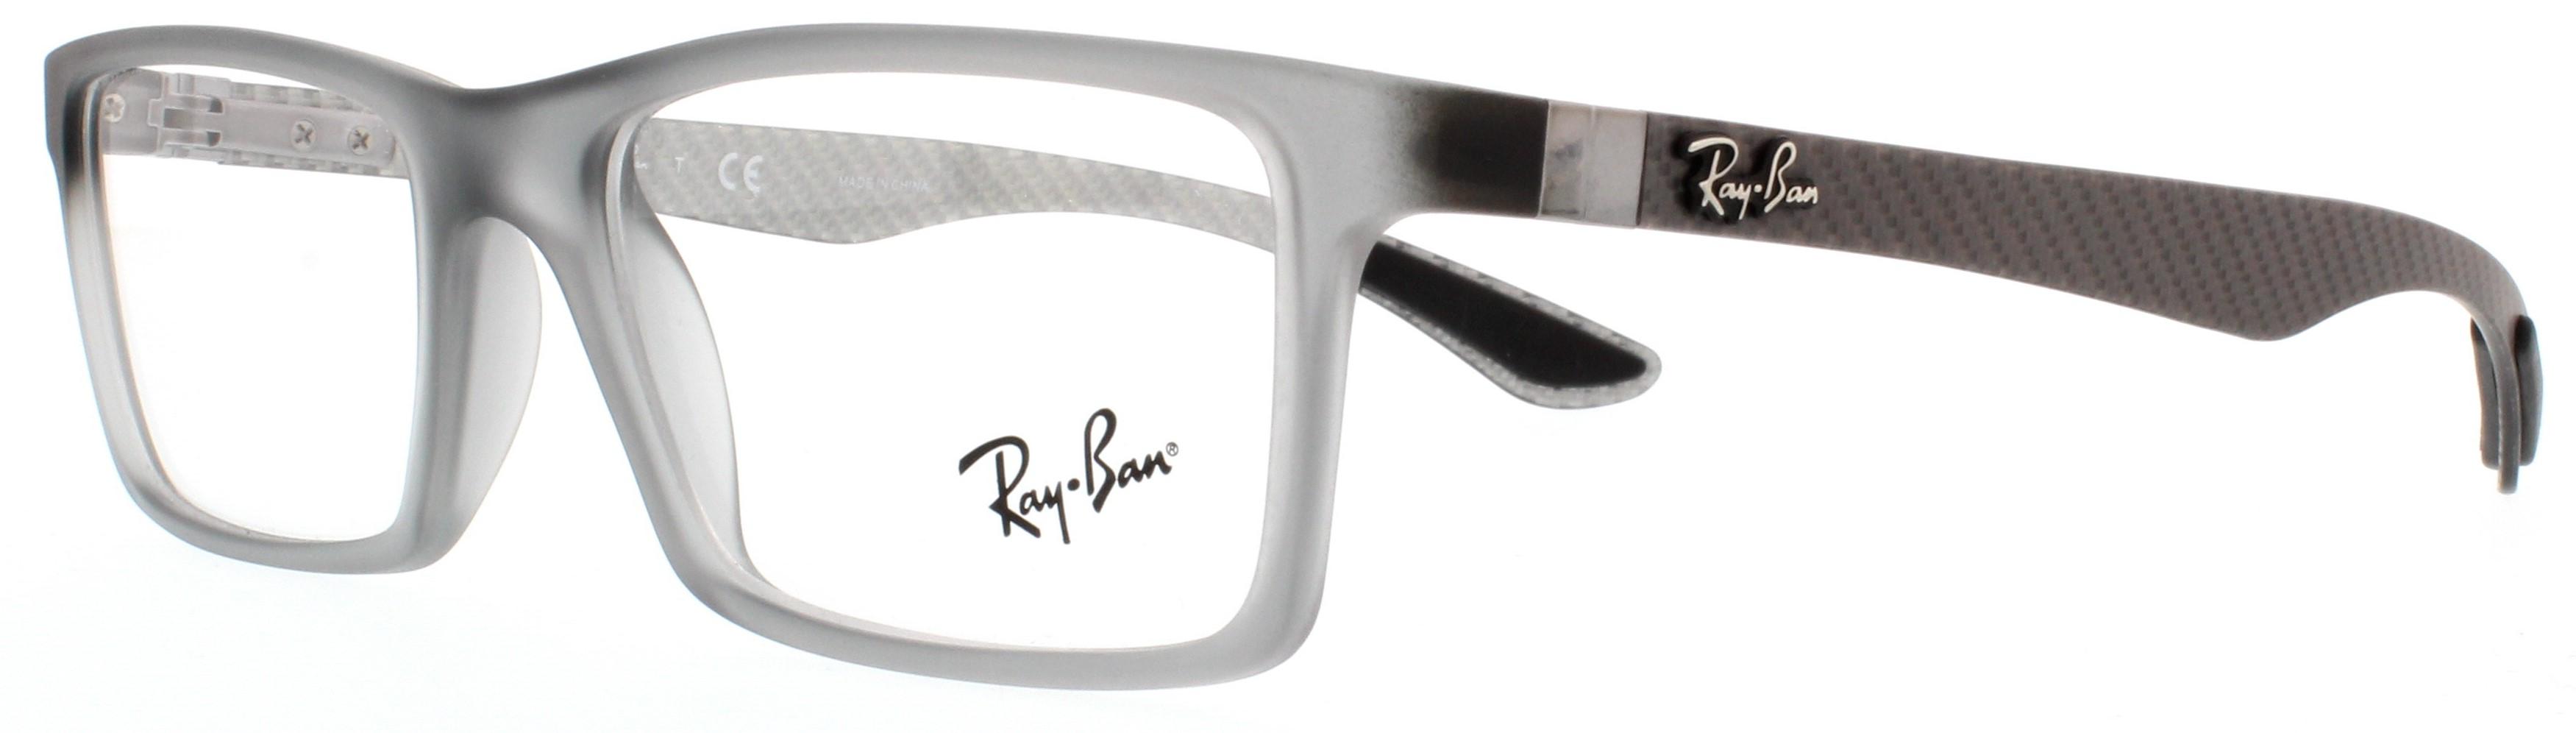 c38b7d0f06 Designer Frames Outlet. Ray Ban RX8901